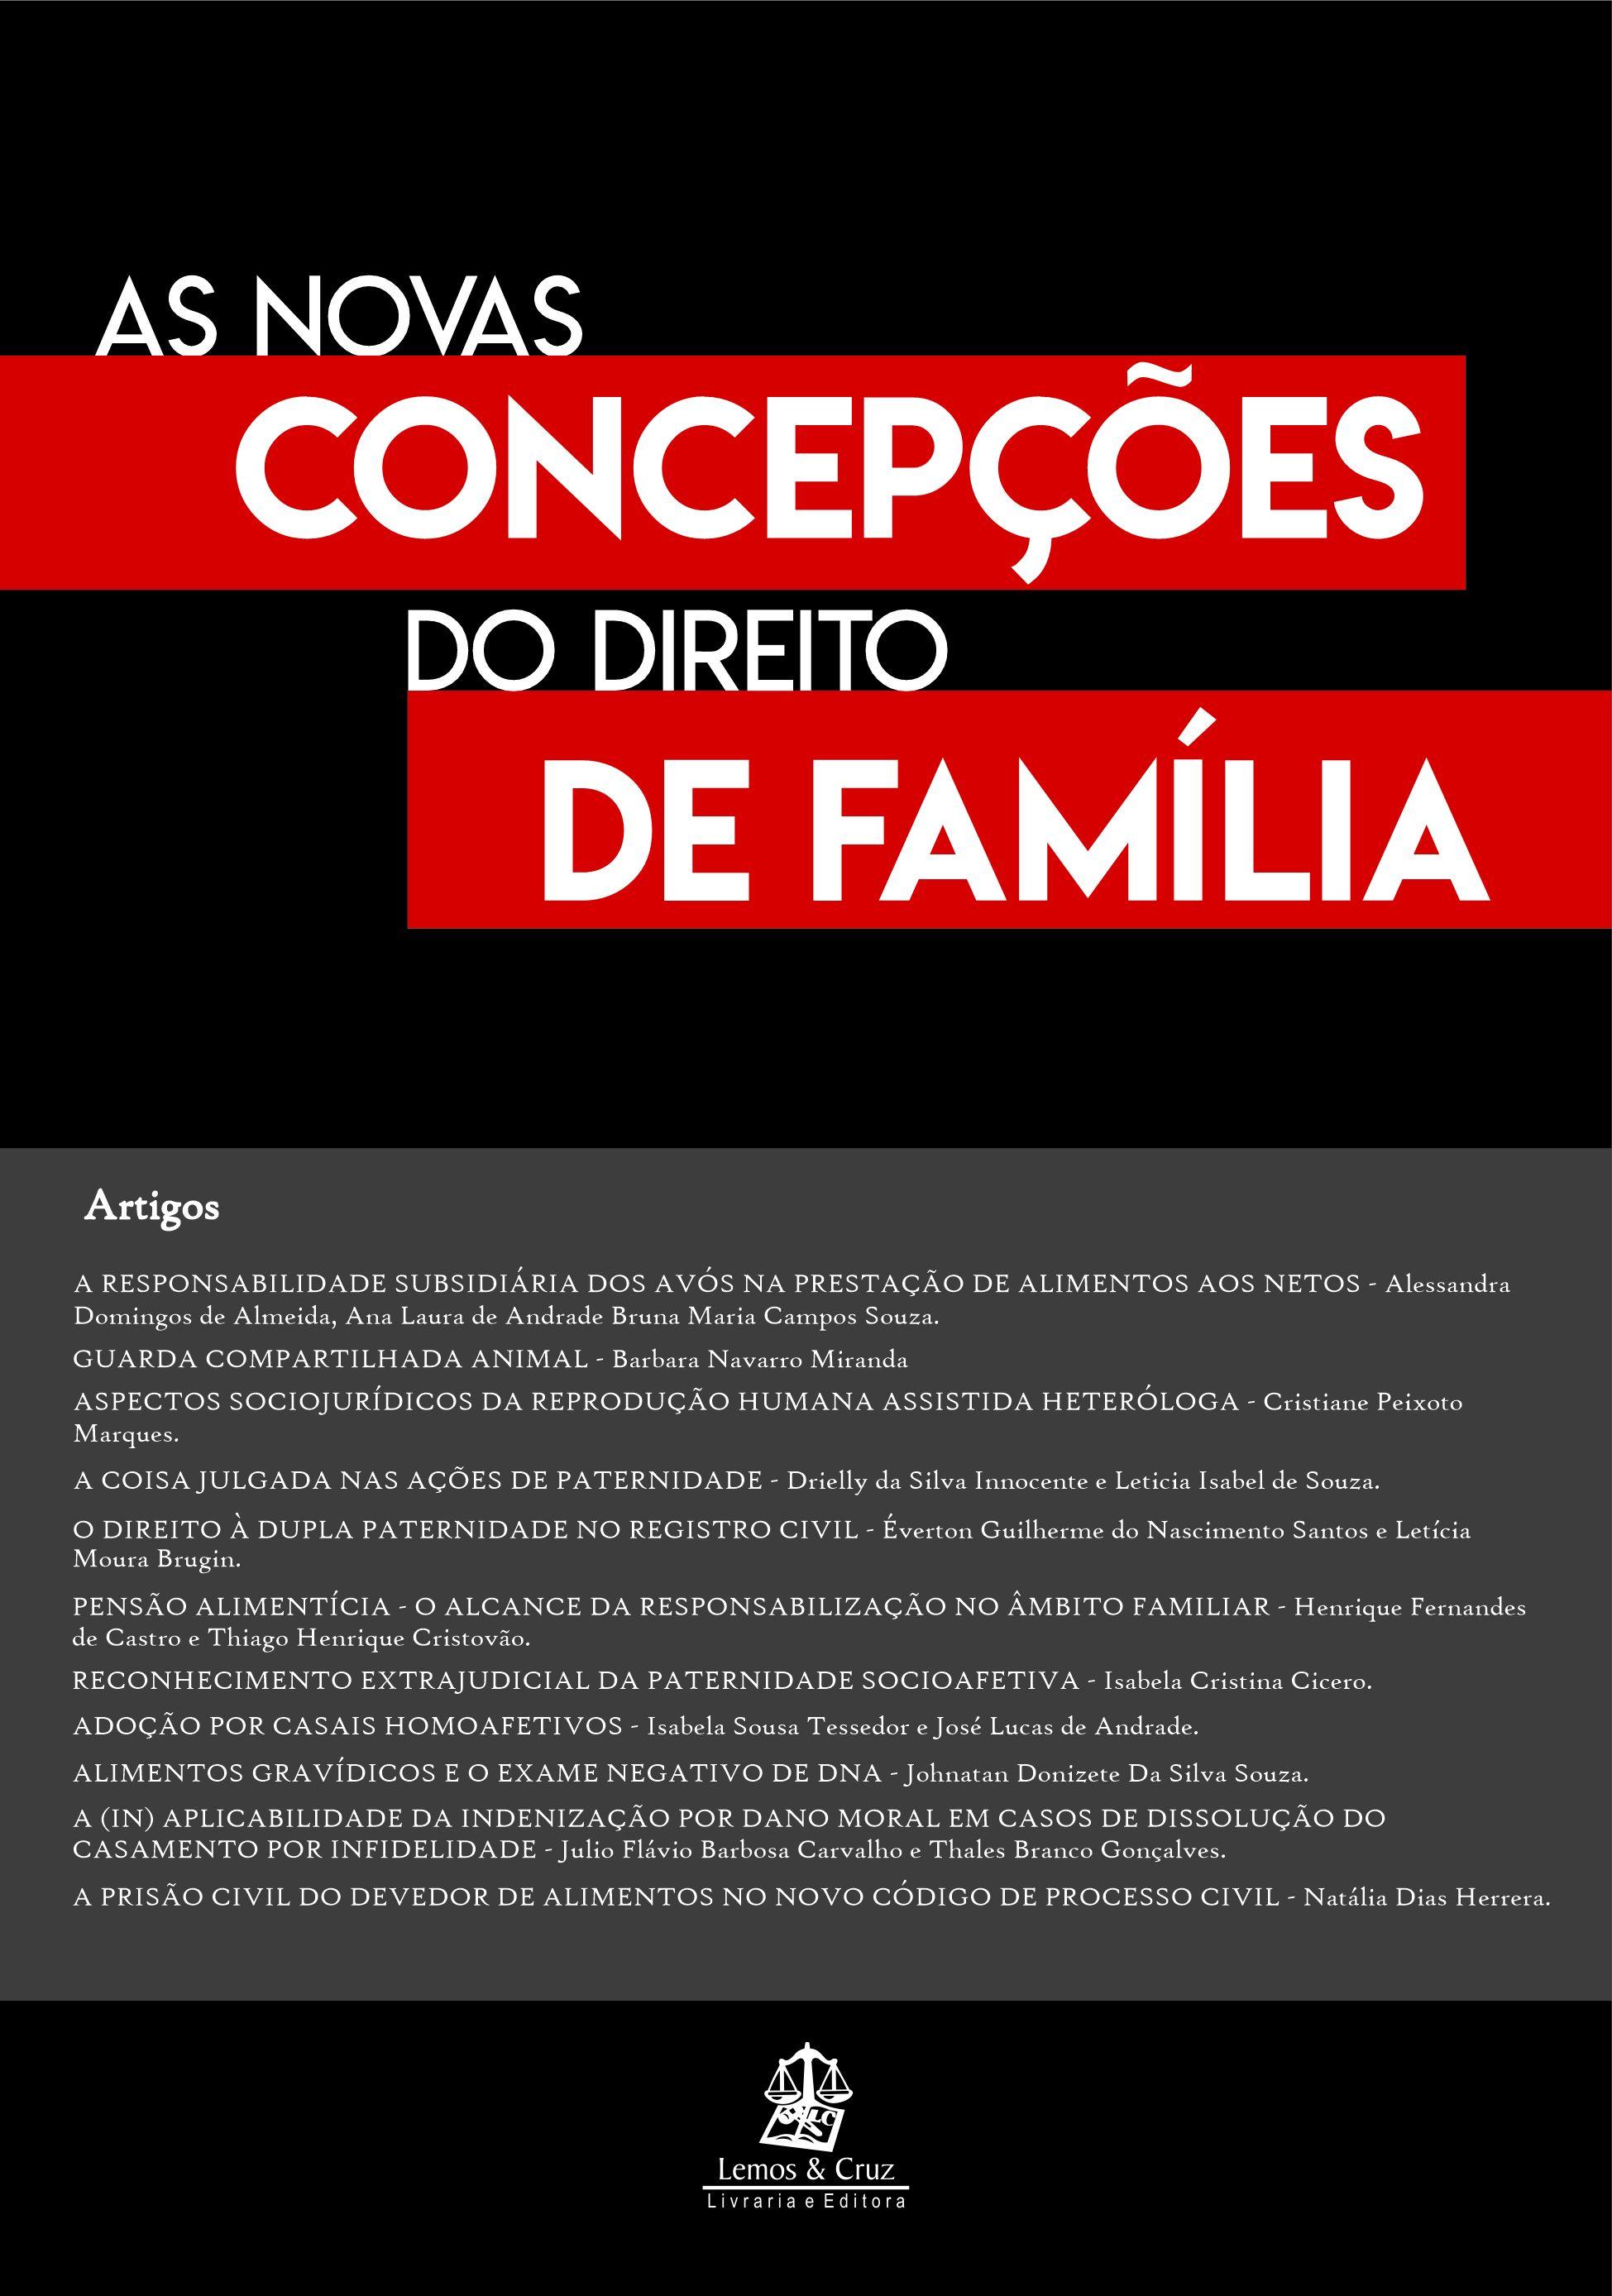 As Novas Concepções do Direito de Família